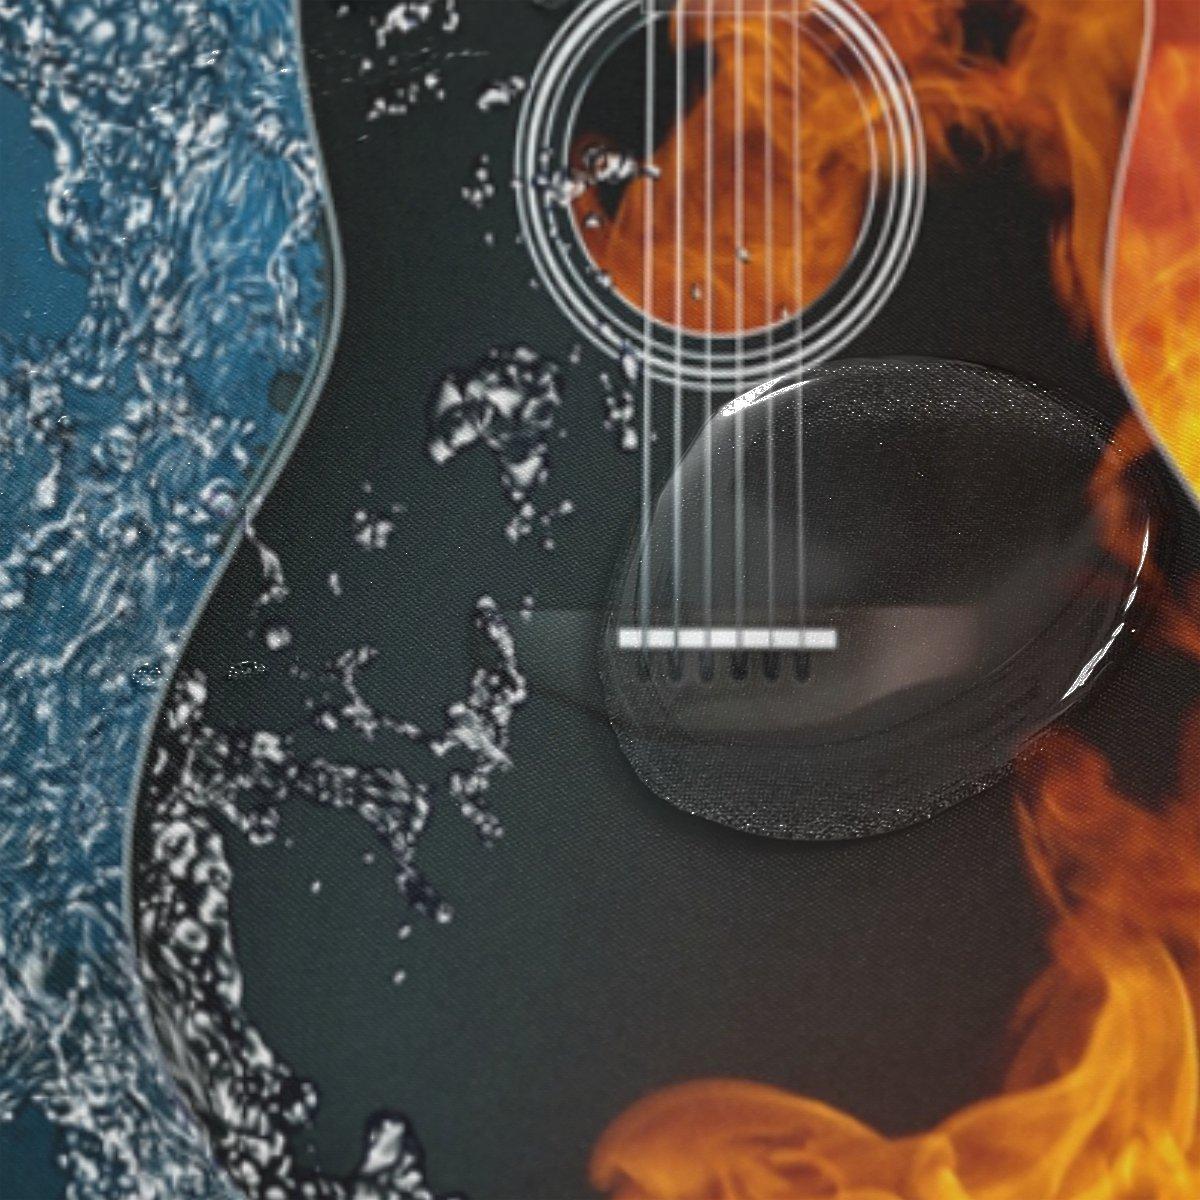 COOSUN Guitarra eléctrica del Fuego y del Agua Cortina de Ducha Set de Tela de poliéster Repelente al Agua de baño Cortina de Ducha Decoración del hogar con ...